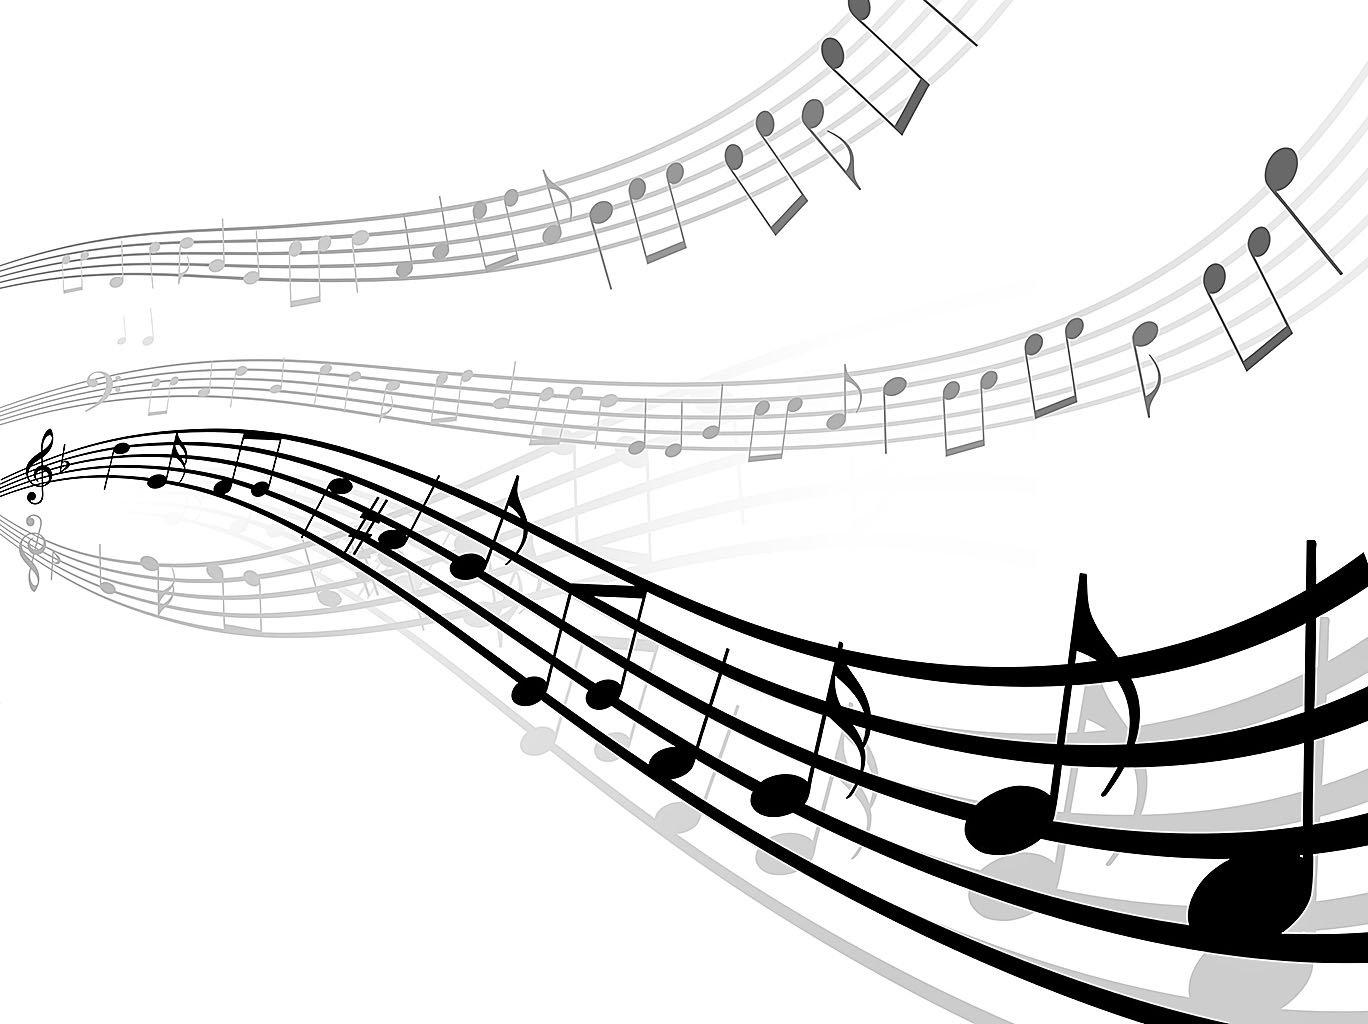 抽象的音樂線條與筆記(fotolia)